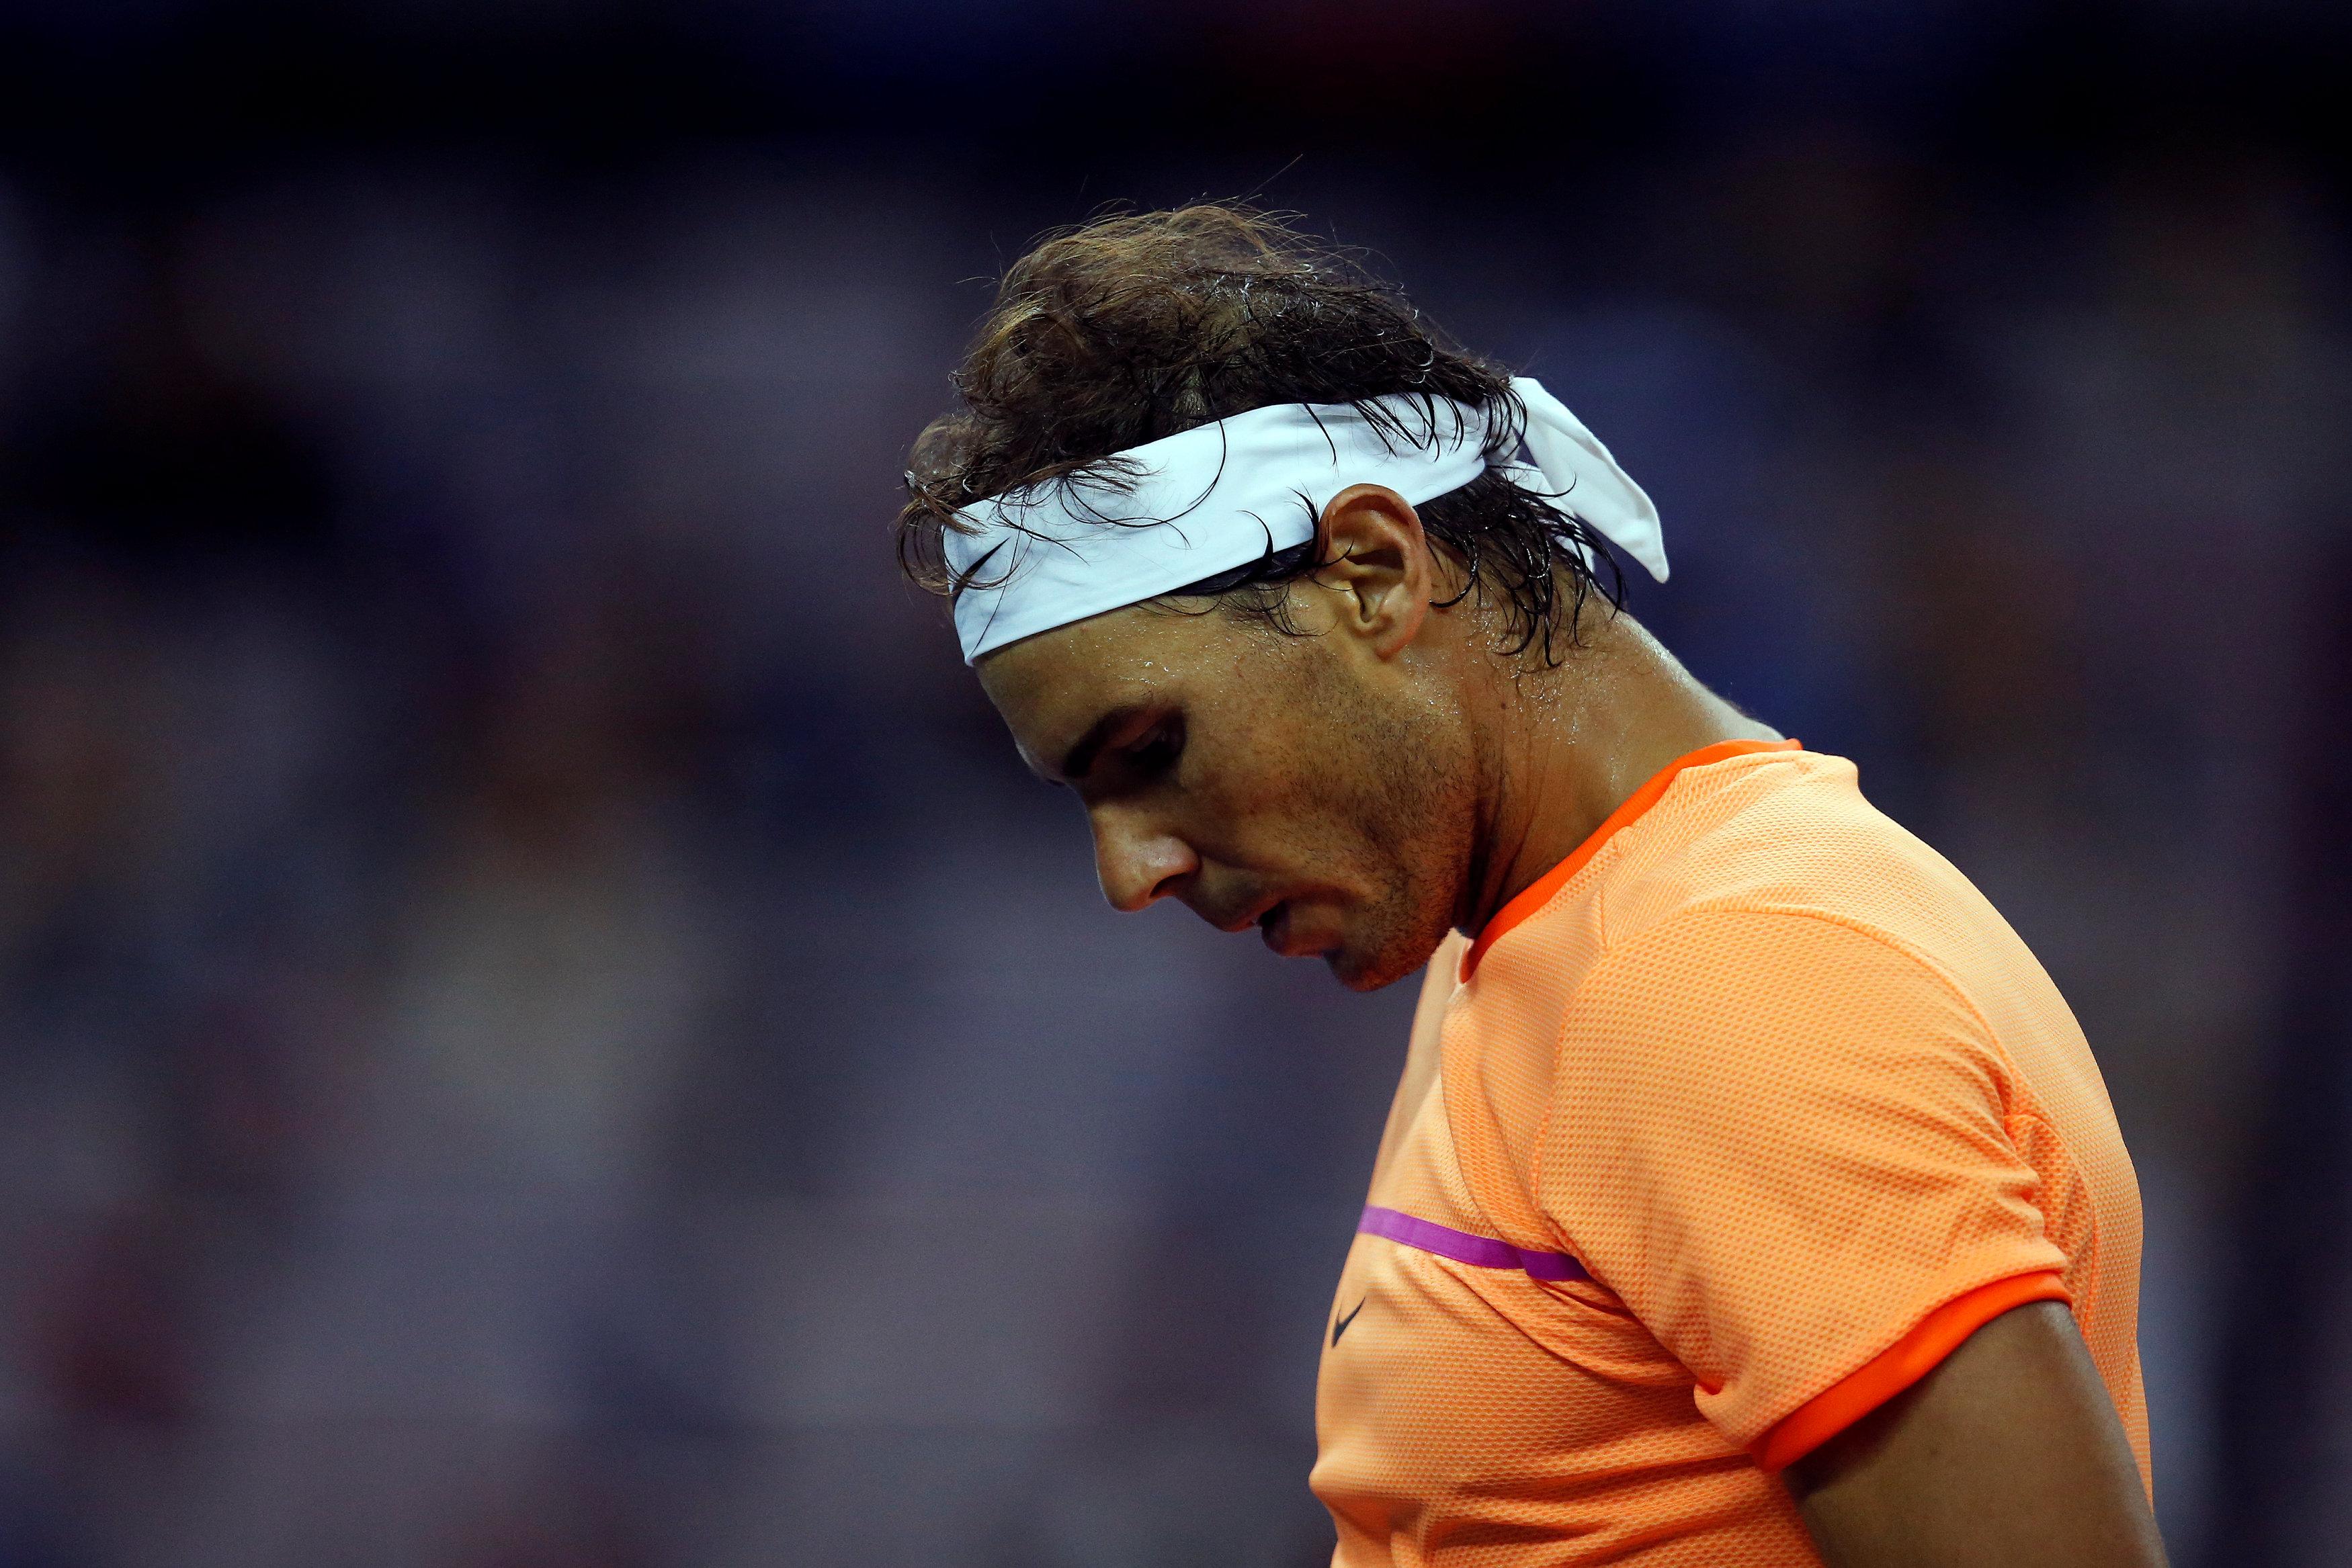 Tennis - ATP - A peine entré en lice, Nadal prend déjà la porte